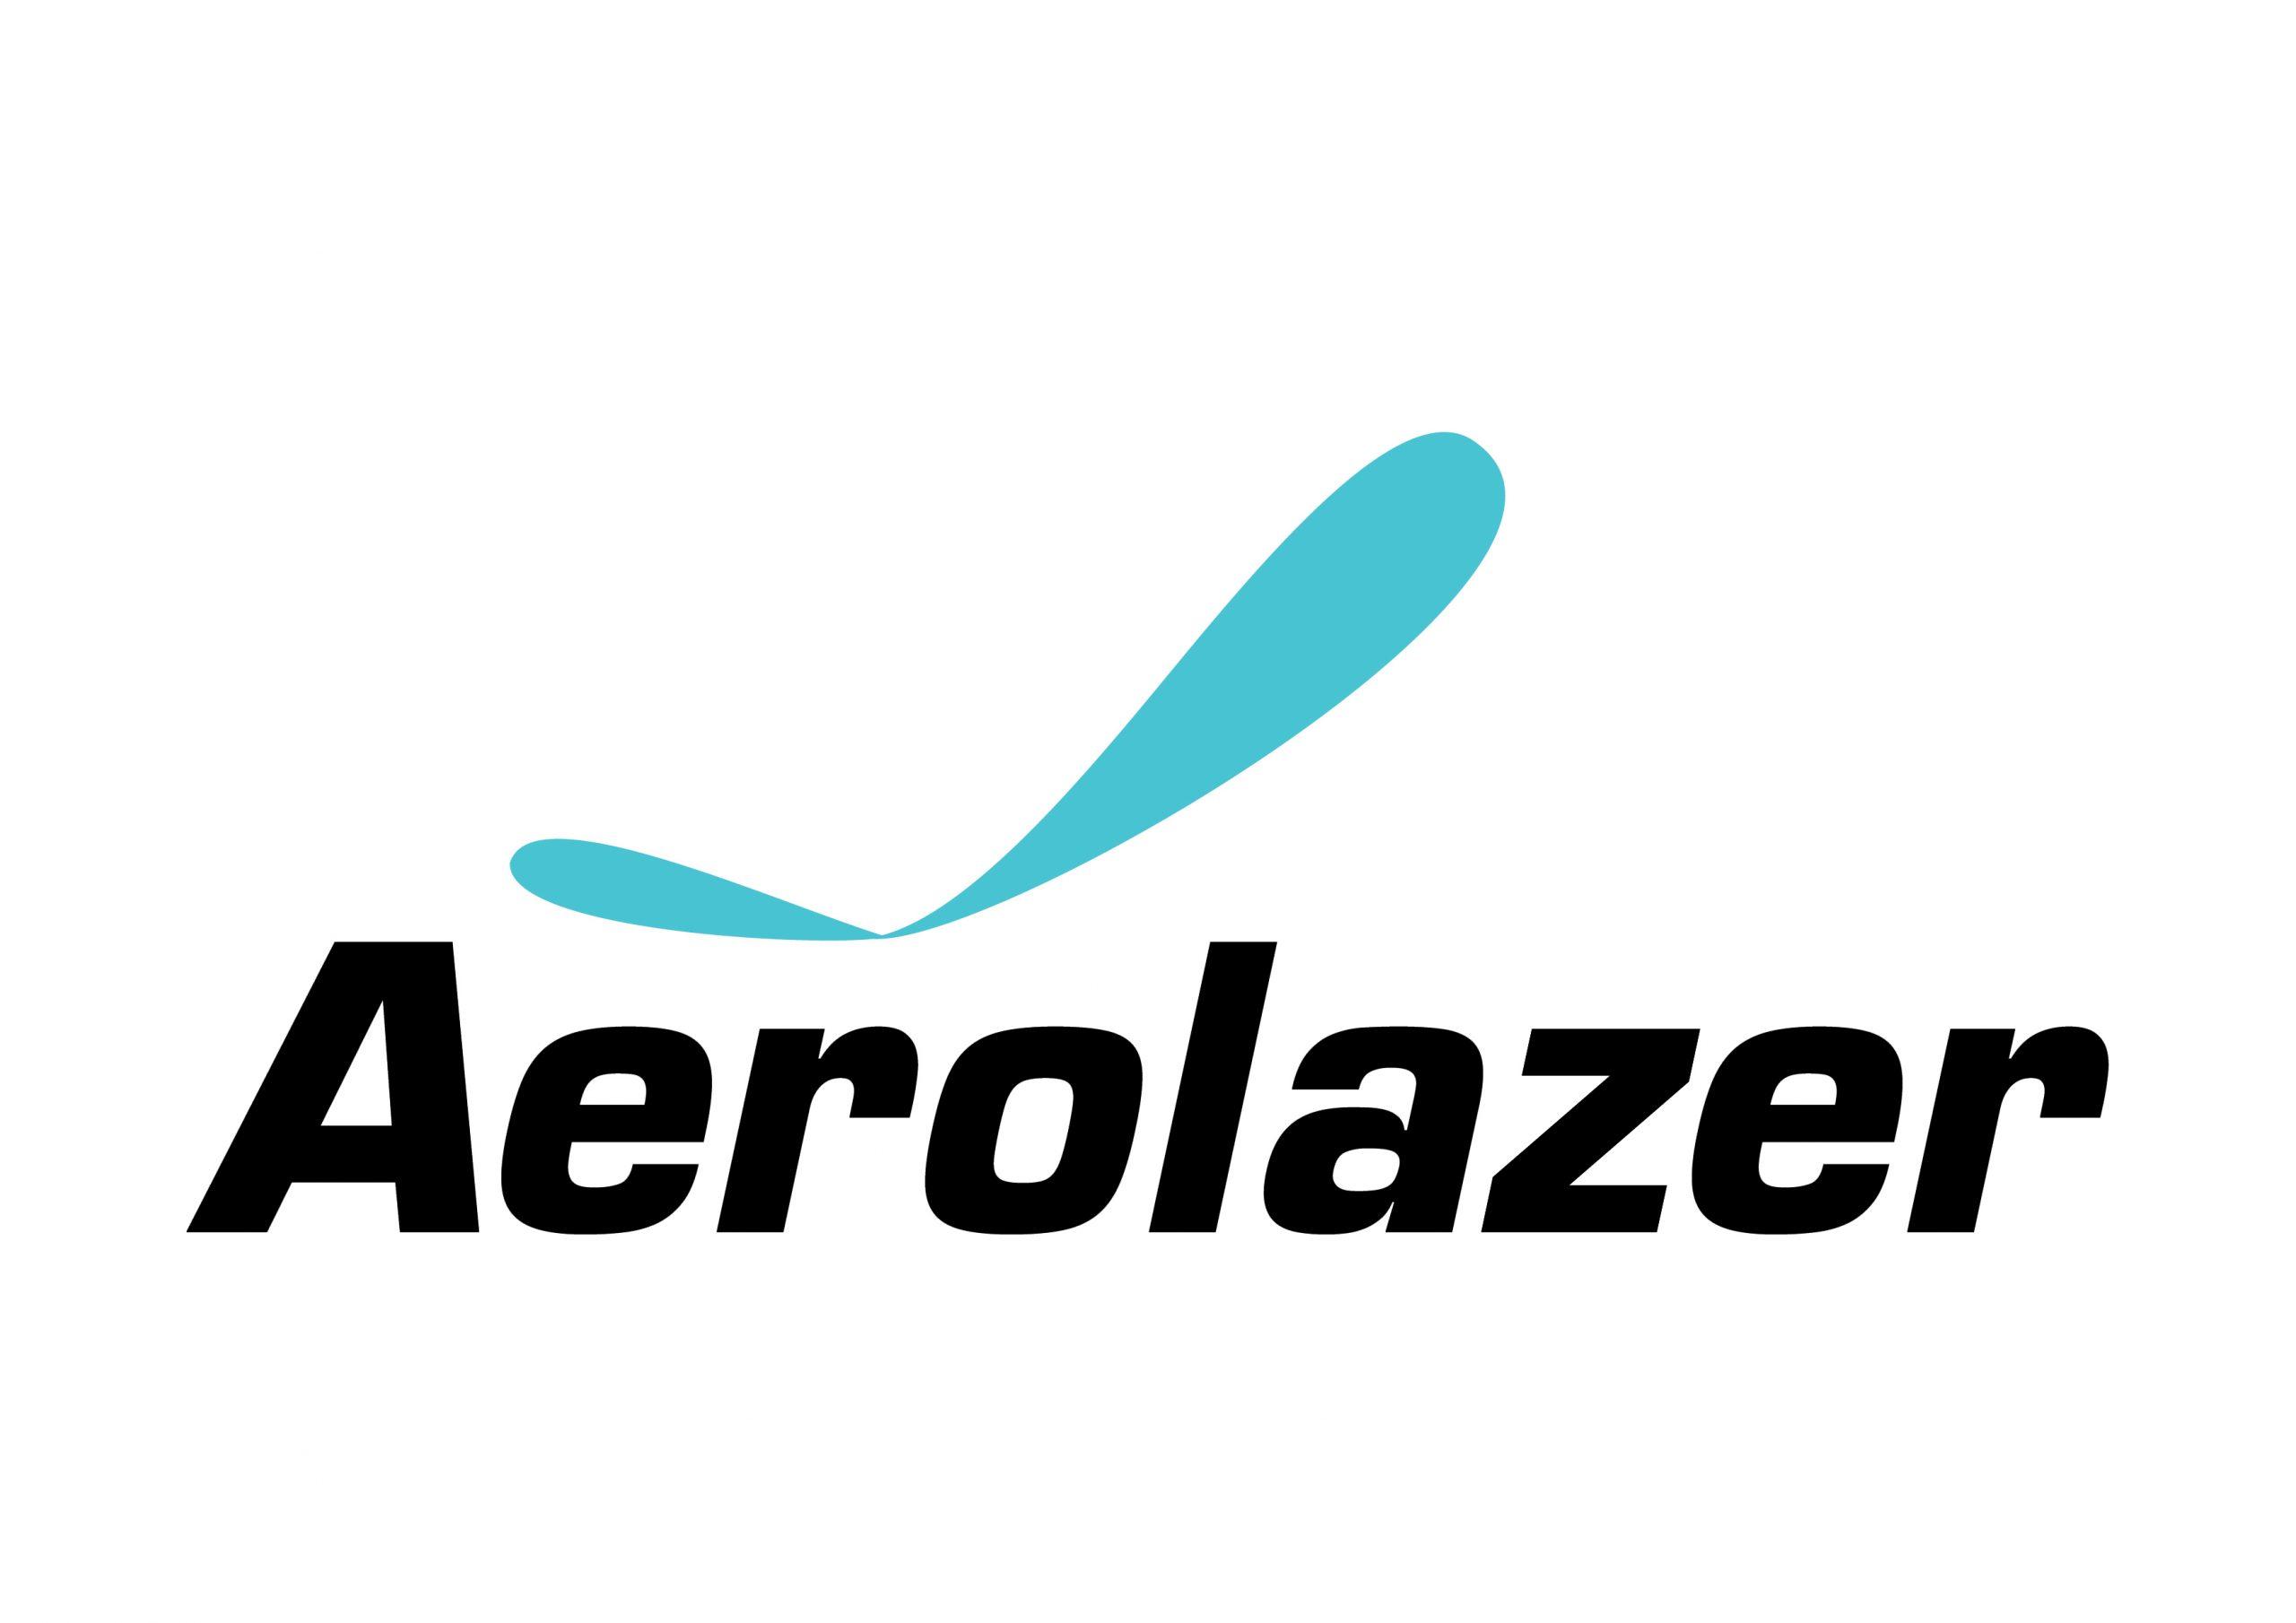 AEROLAZER_cores